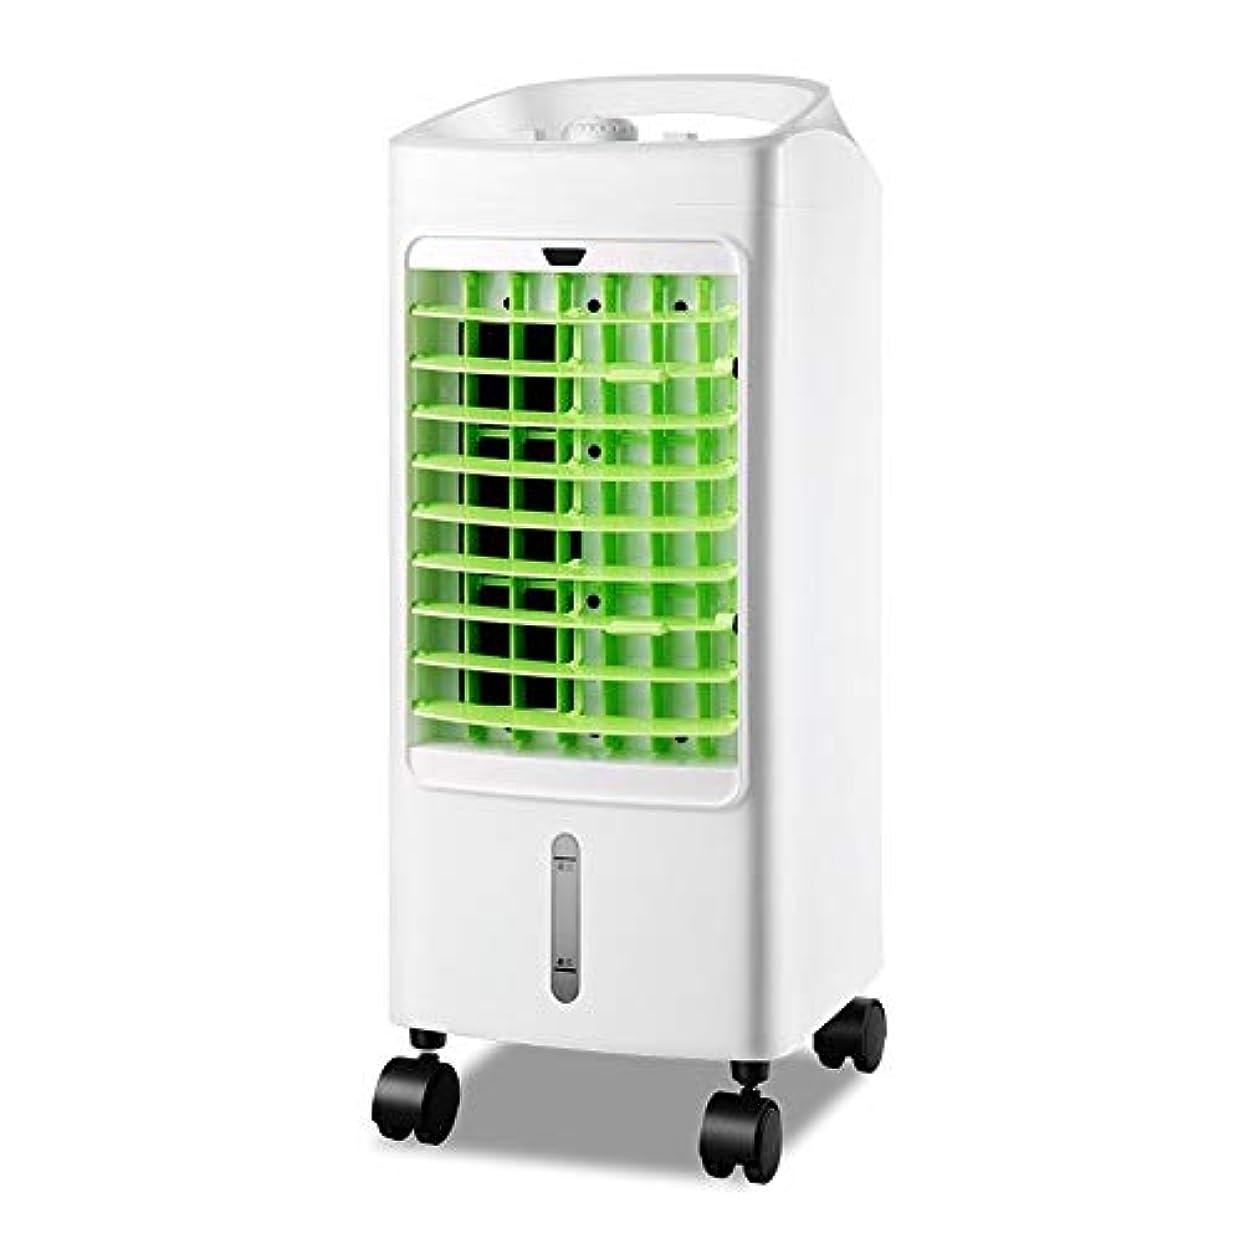 葉ようこそレガシーLPD-冷風機 機械的に制御された単一の冷却された空気クーラーの携帯用蒸発冷却の冷たい空気加湿空気浄化